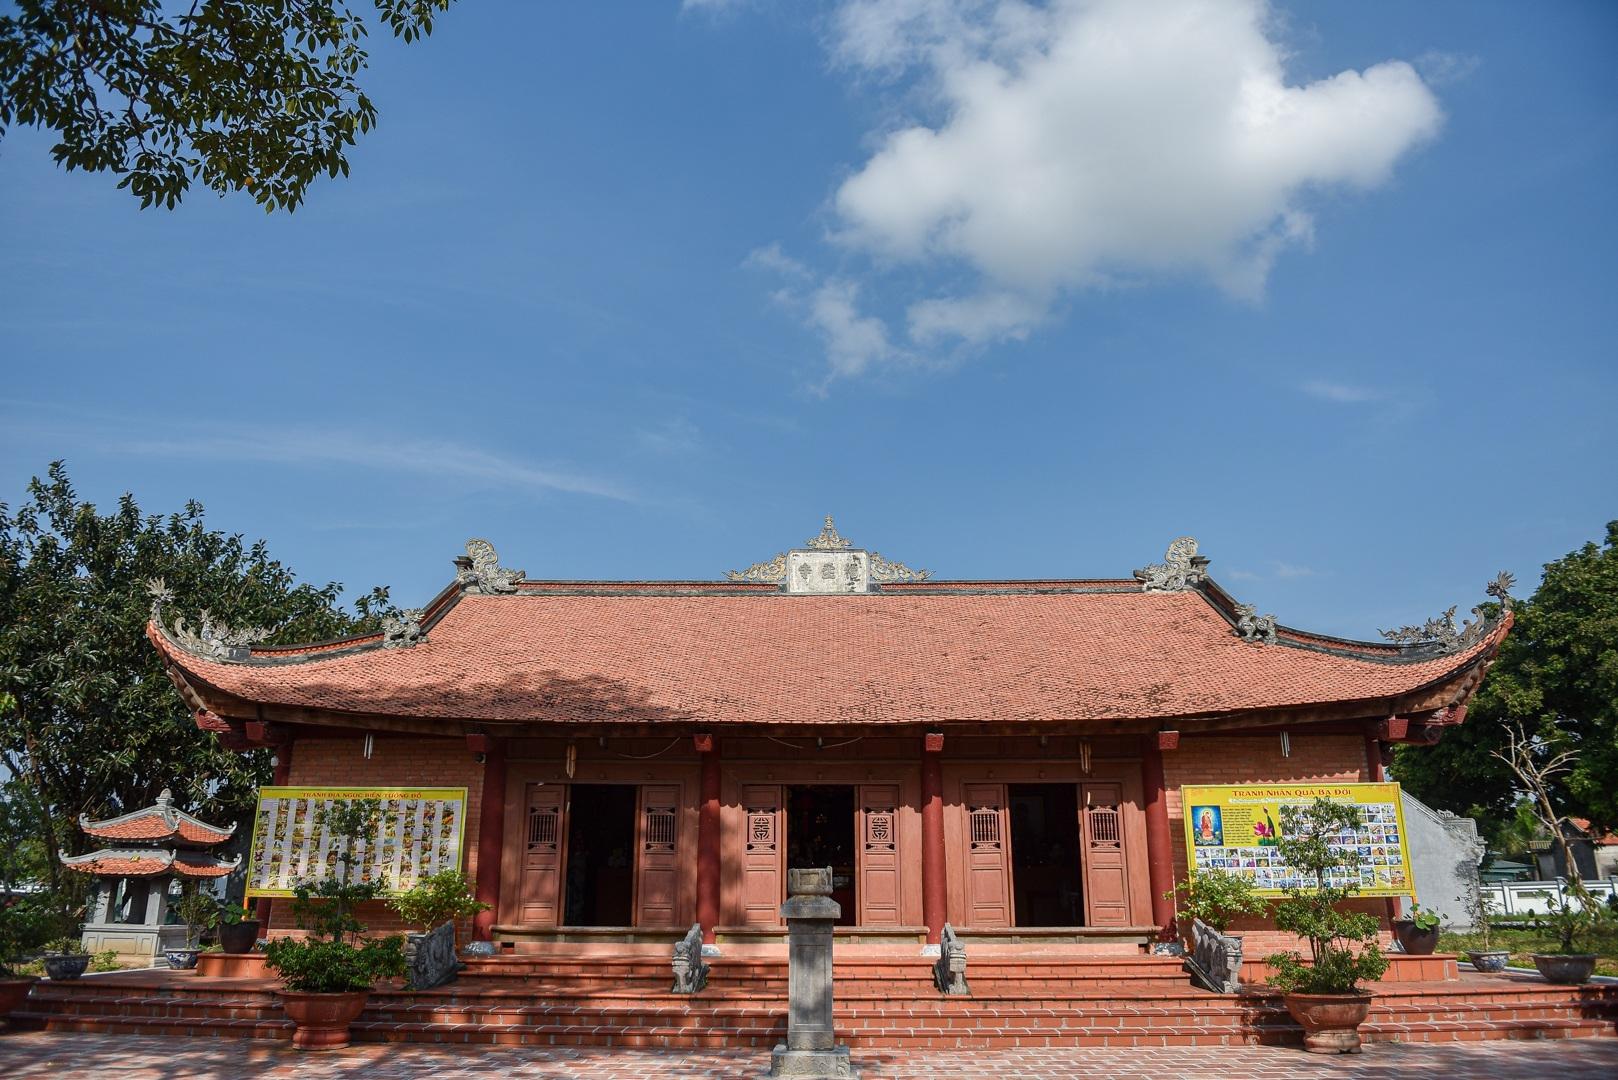 Ngôi chùa 600 tuổi từng là Đệ nhất danh lam vùng Đông Bắc, ghi dấu lịch sử hào hùng